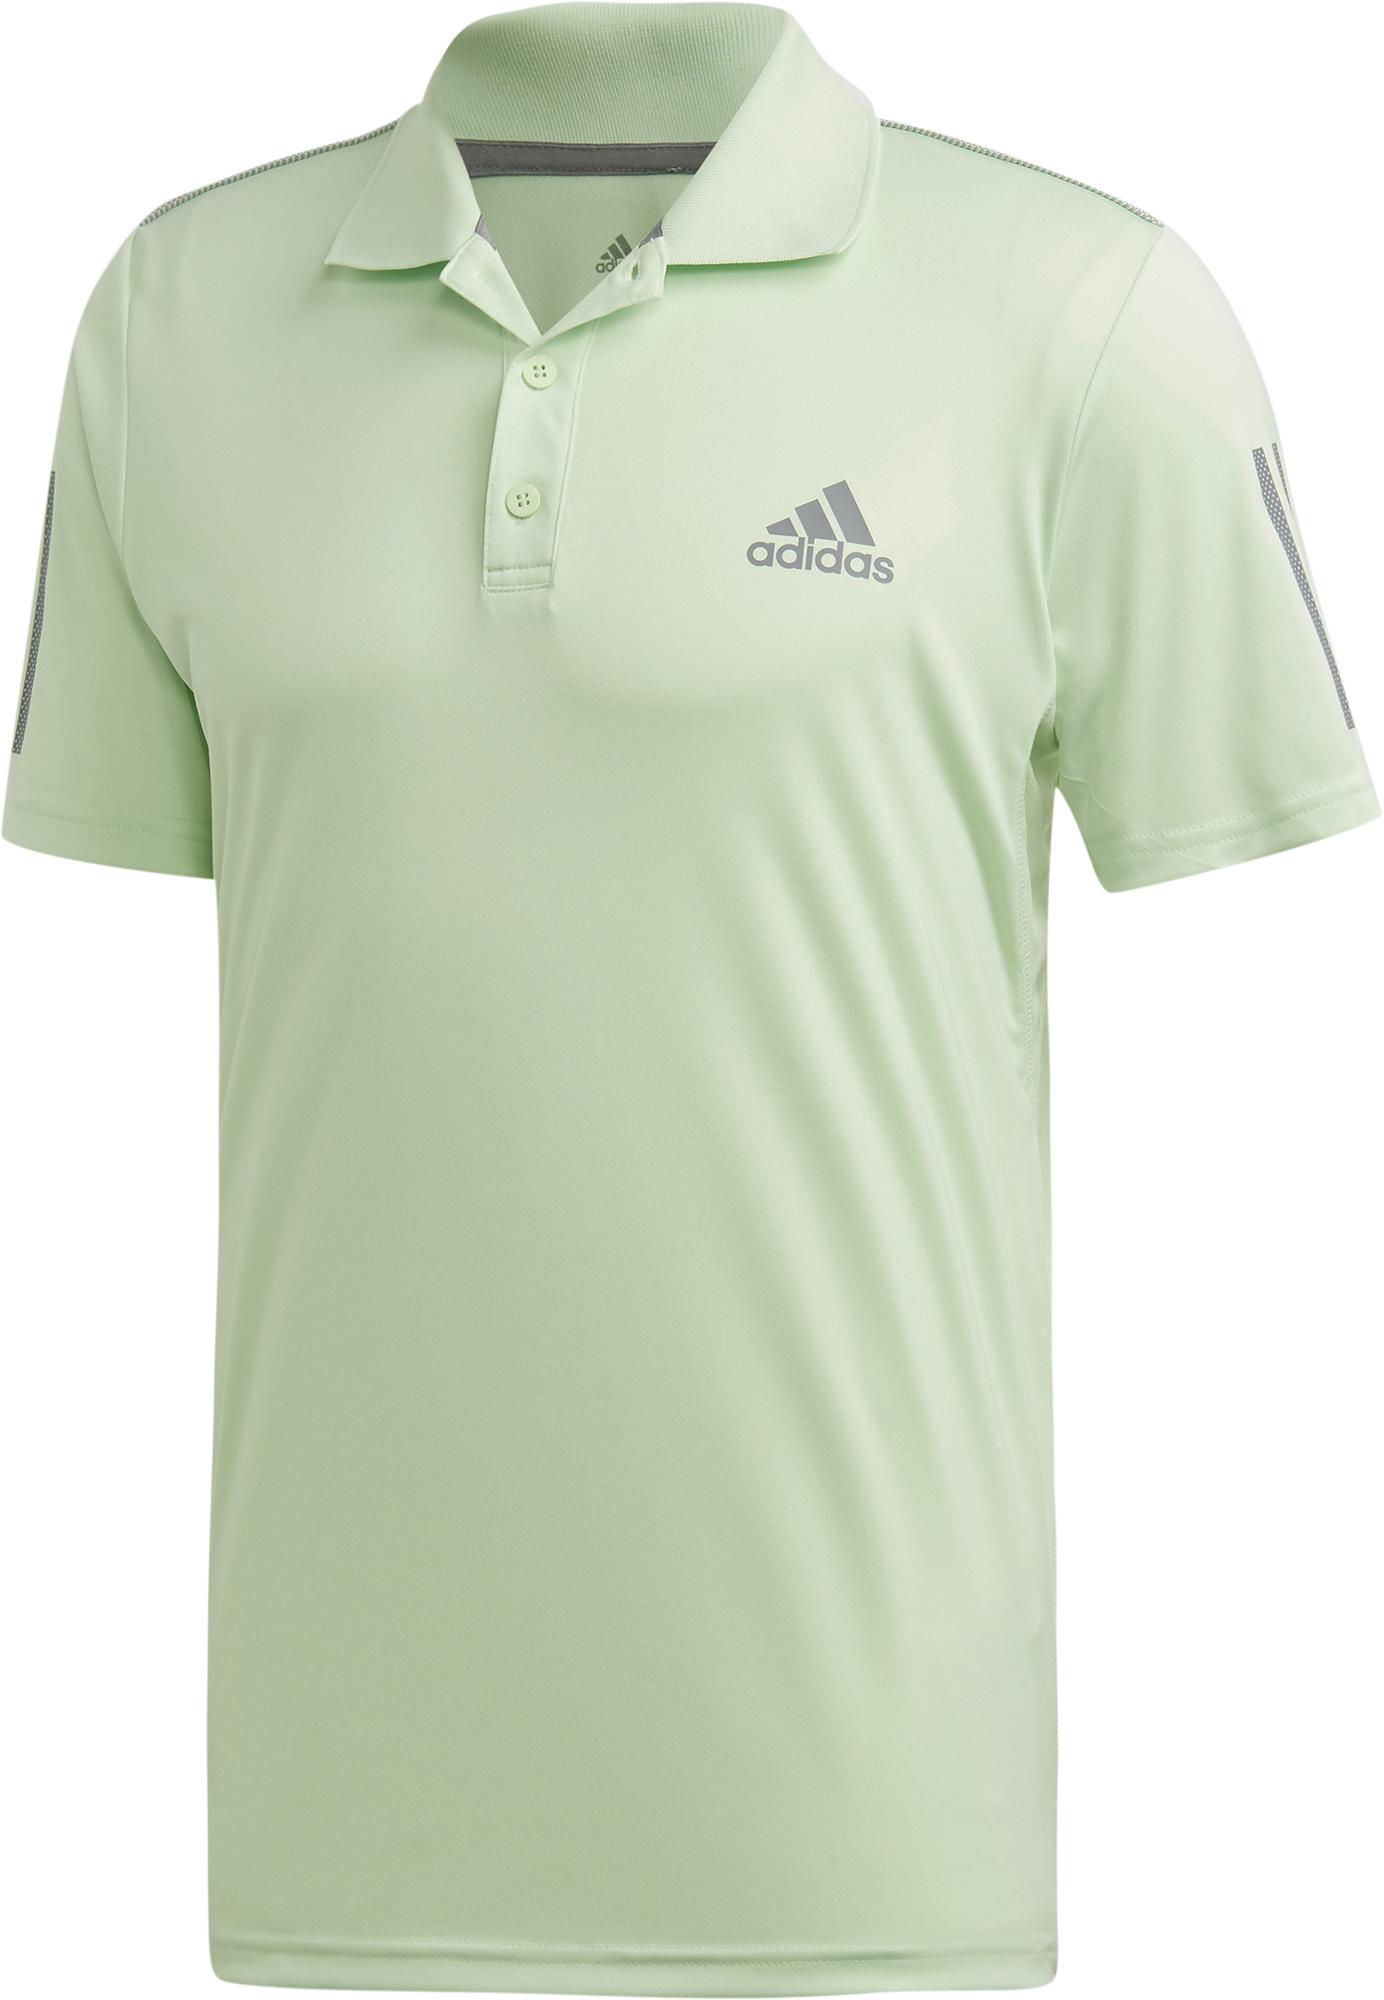 Adidas Поло мужское Adidas 3-Stripes, размер 52-54 поло мужское rav цвет коричневый белый rav01 021 размер xl 52